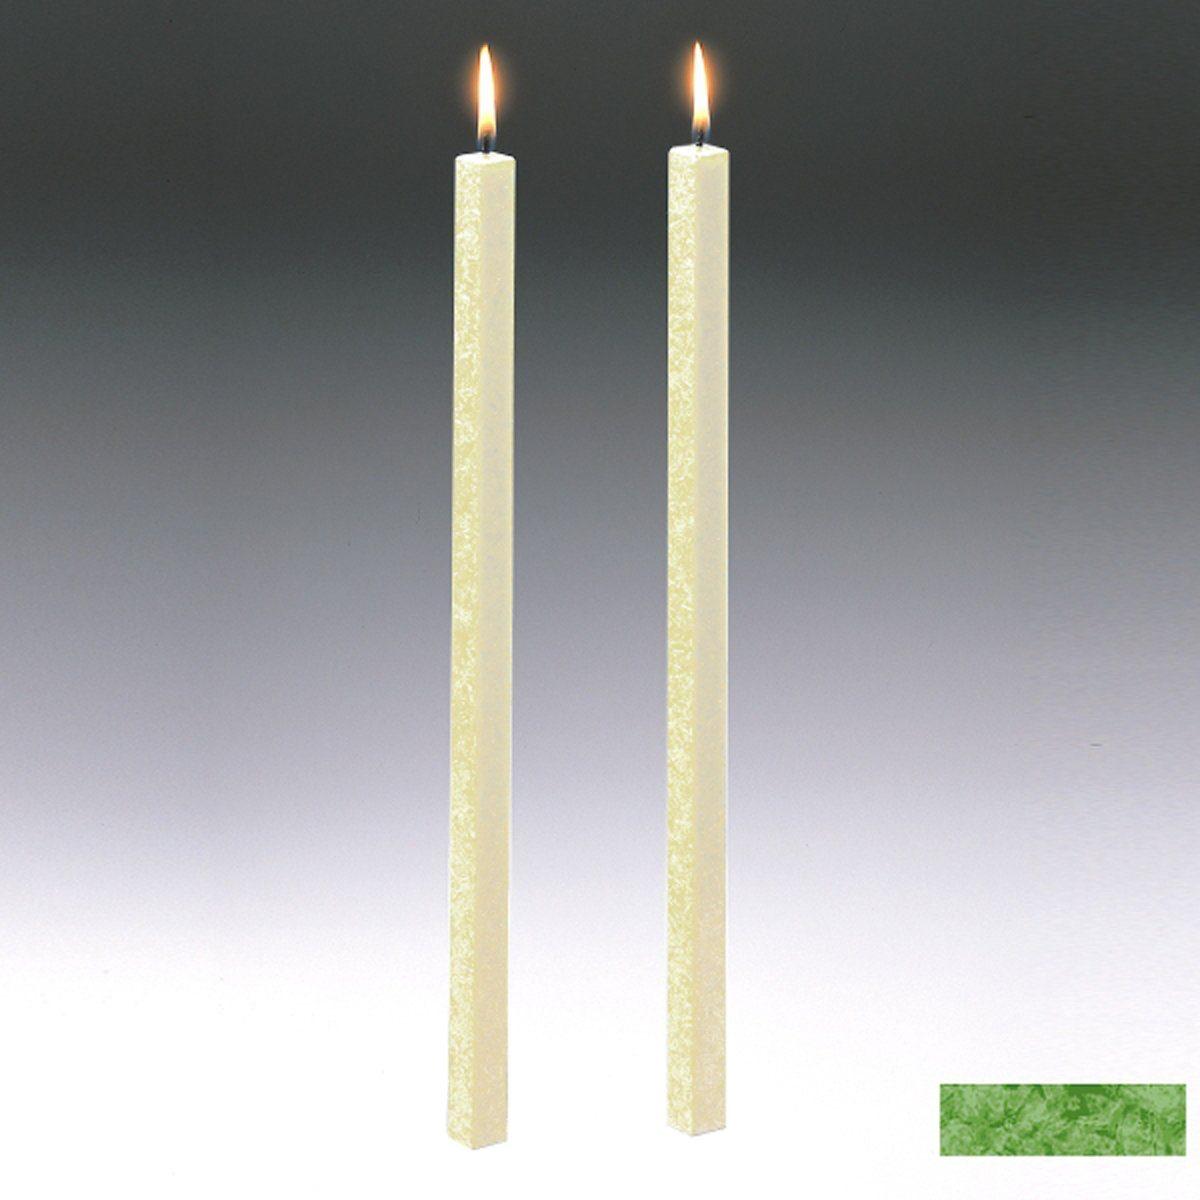 Amabiente Amabiente Kerze CLASSIC Gras 40cm - 2er Set